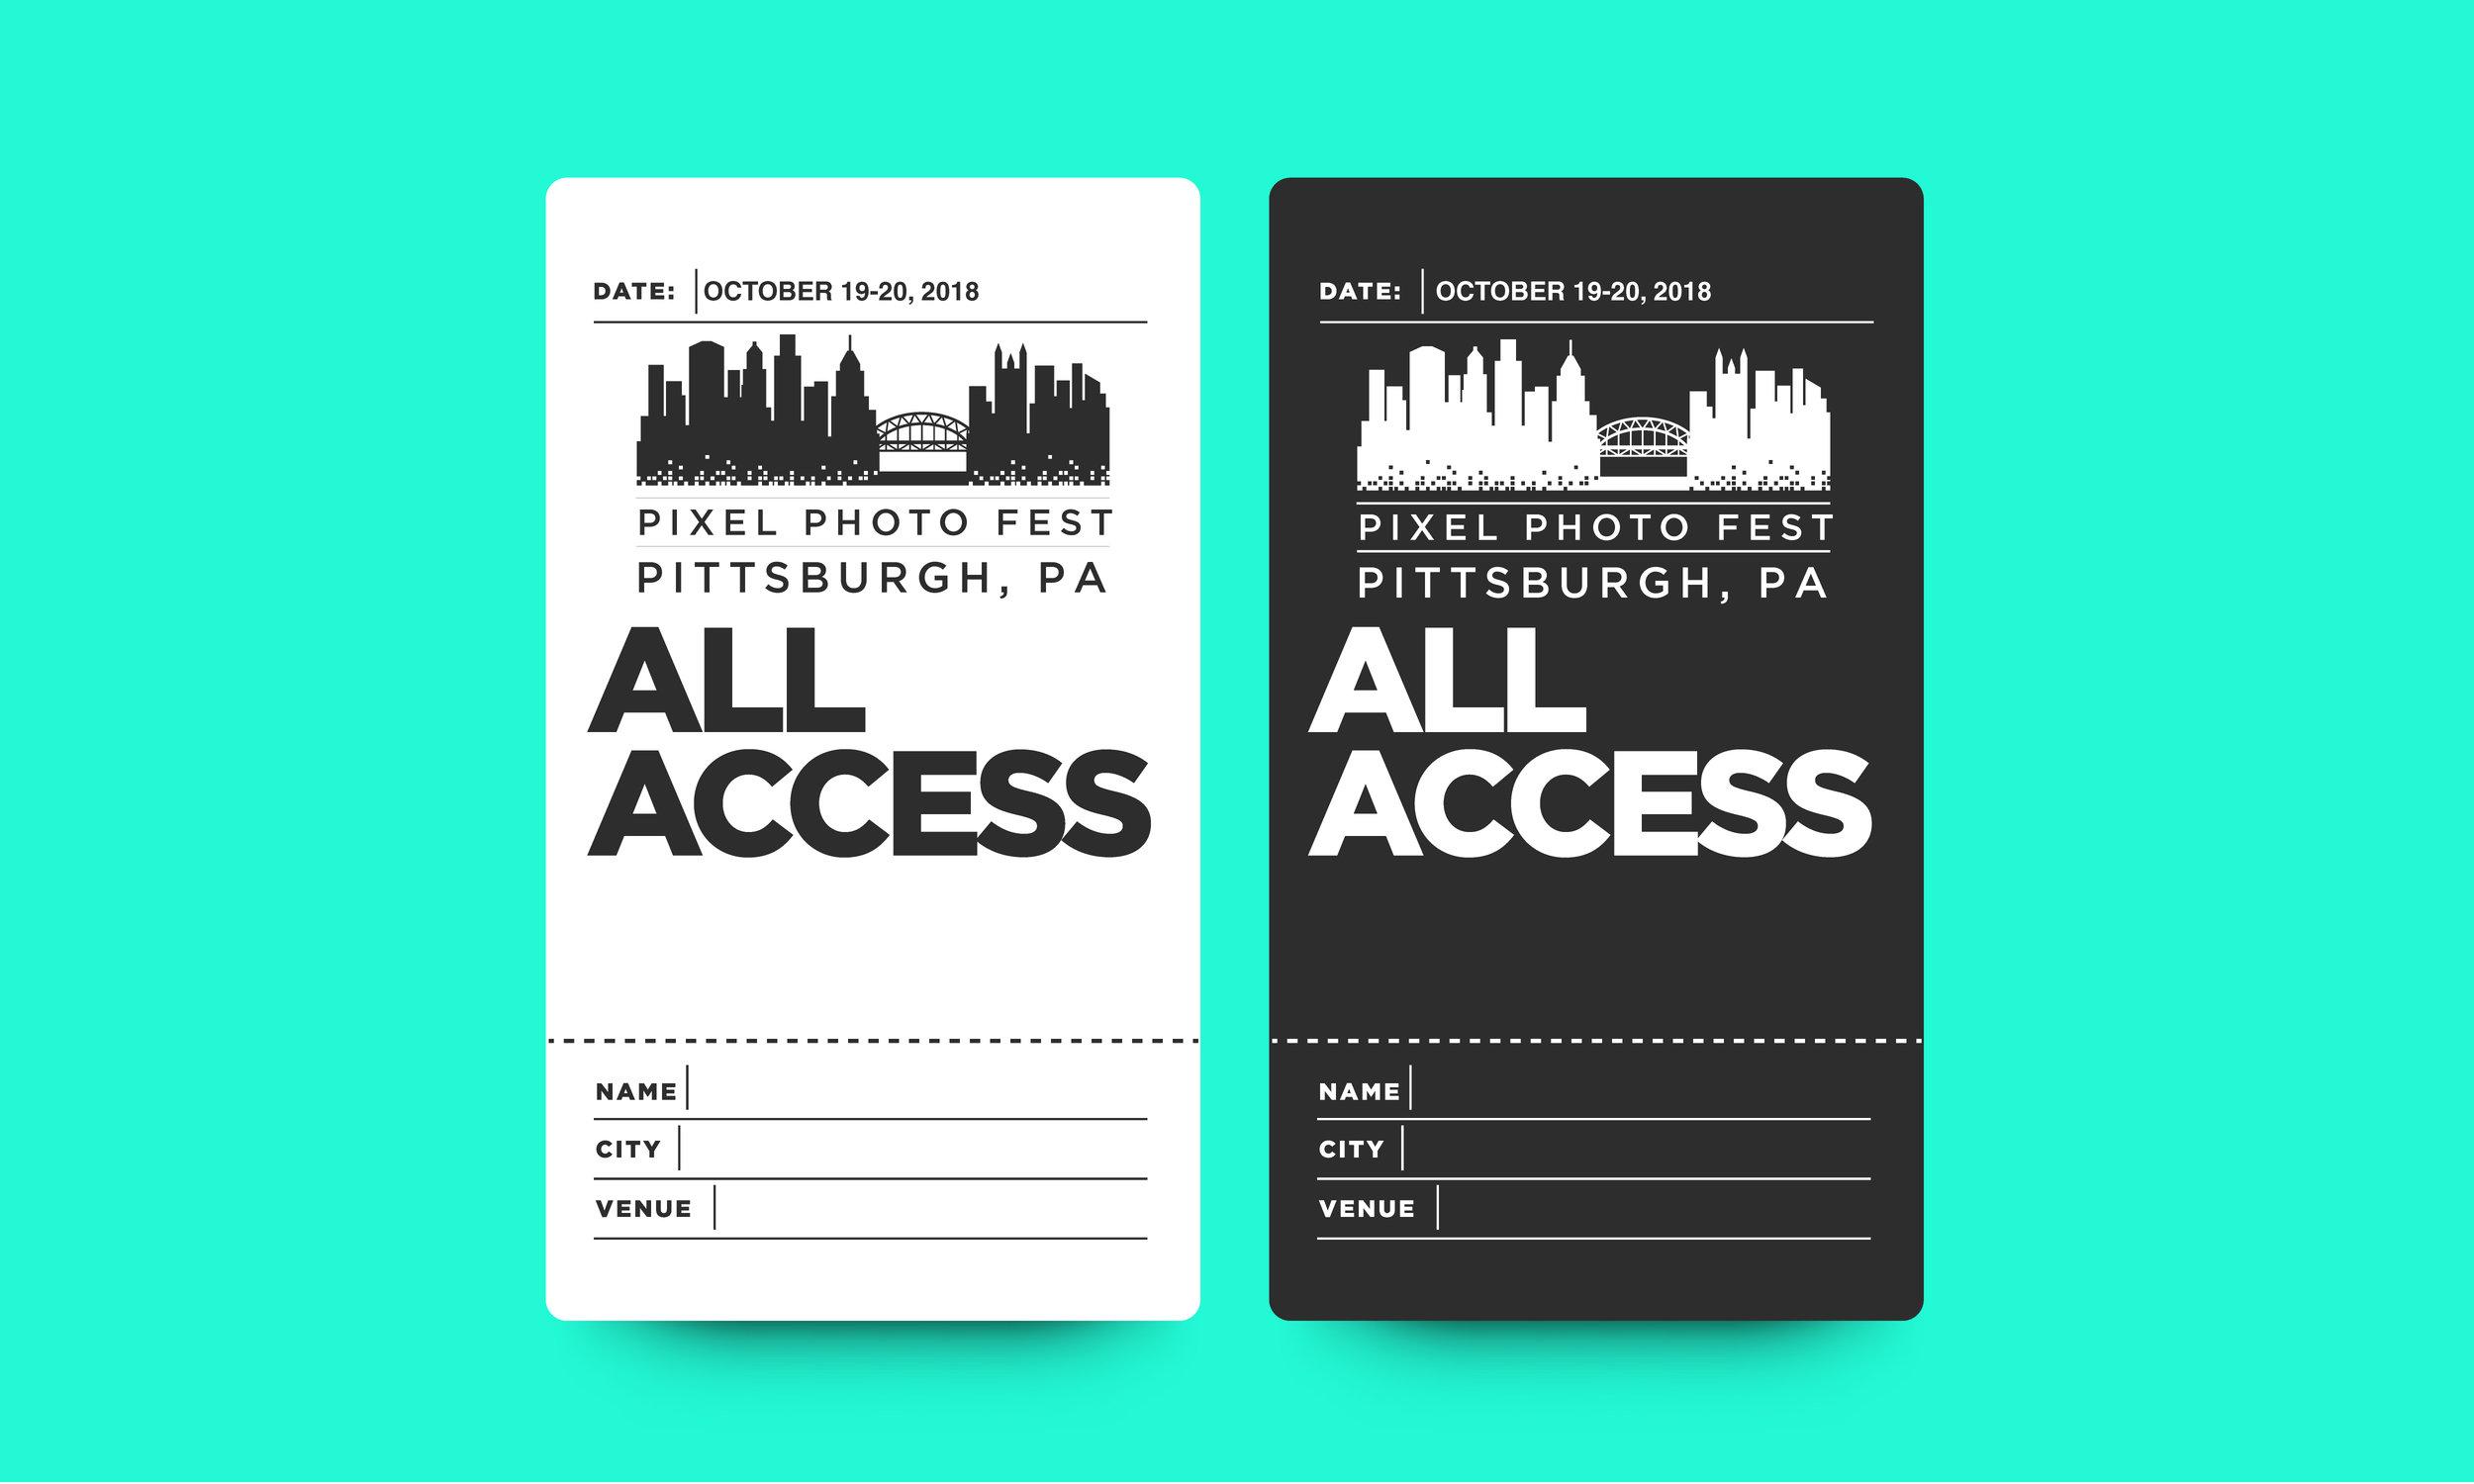 PixelPhotoFest_Pass.jpg